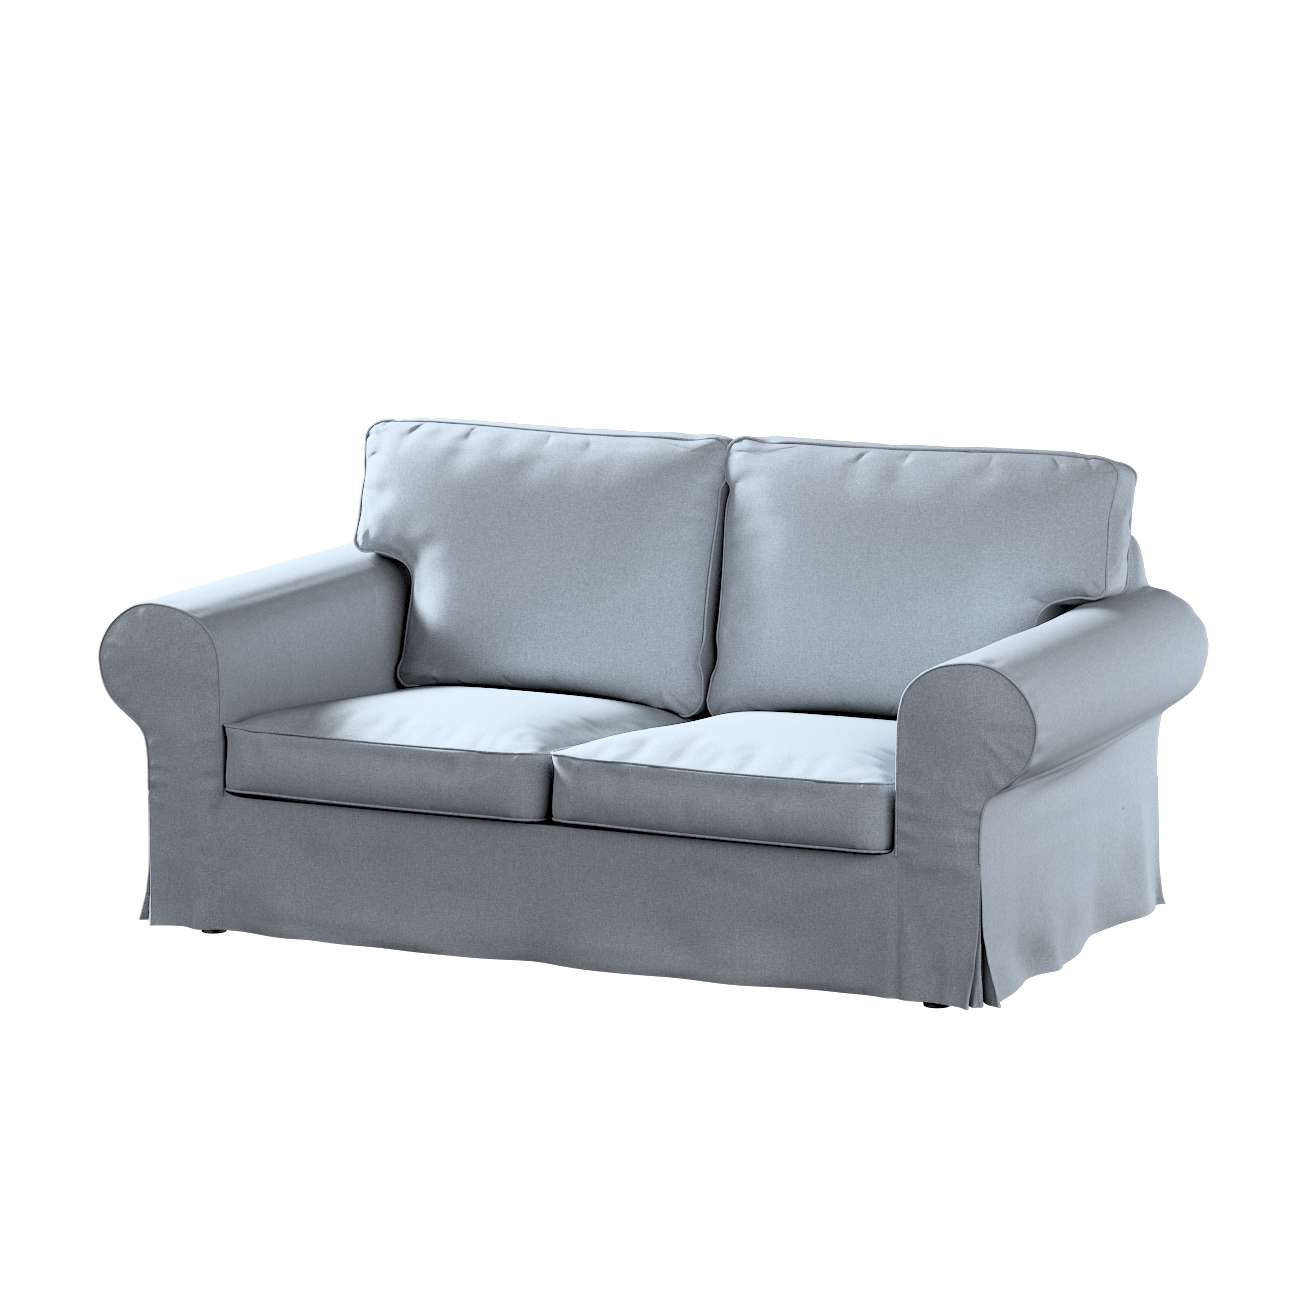 Pokrowiec na sofę Ektorp 2-osobową, nierozkładaną w kolekcji Amsterdam, tkanina: 704-46